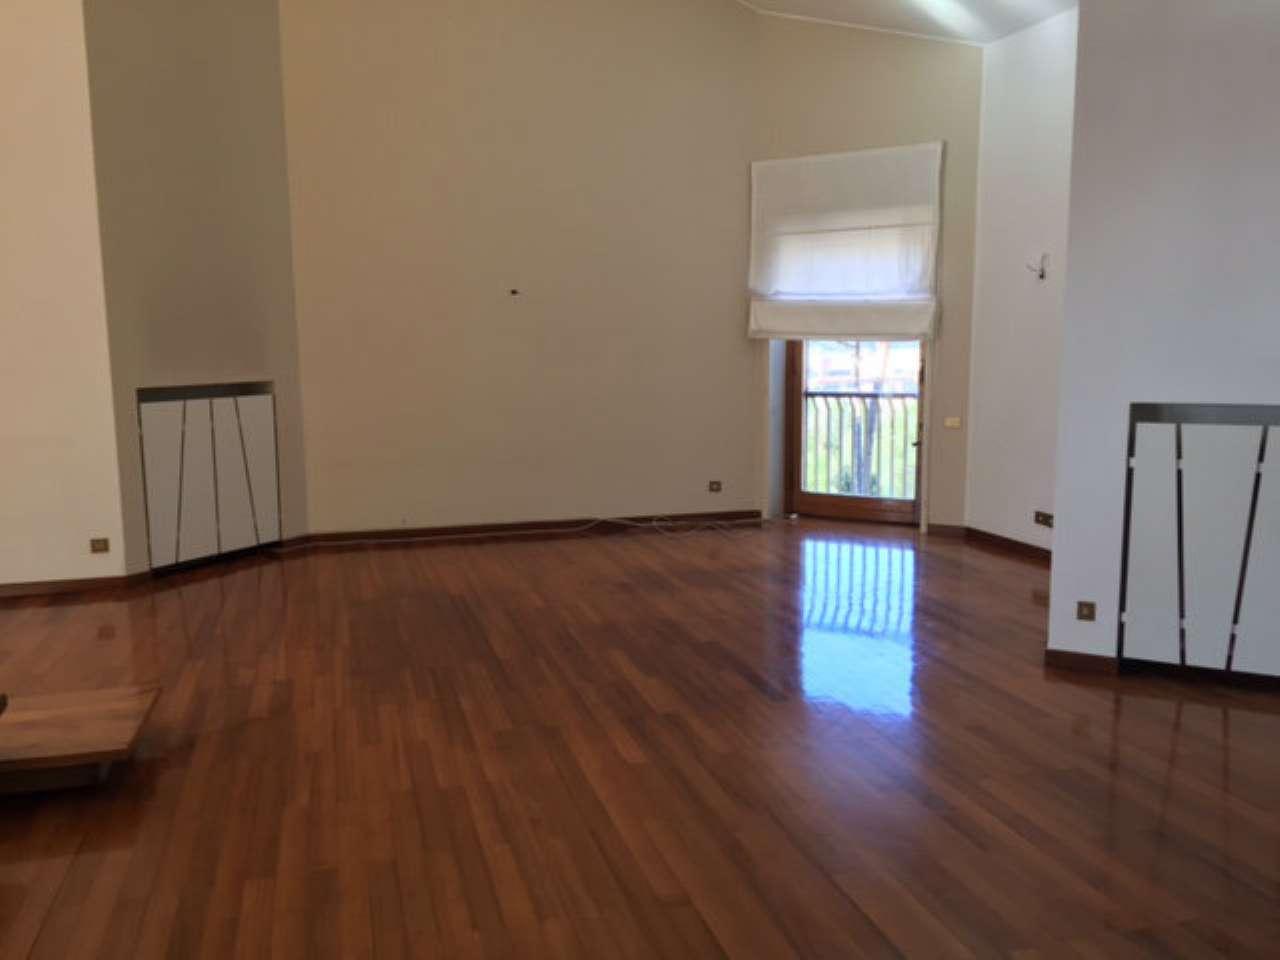 Attico mansarda roma affitto zona 2 flaminio for Piani per due box auto con appartamento sopra